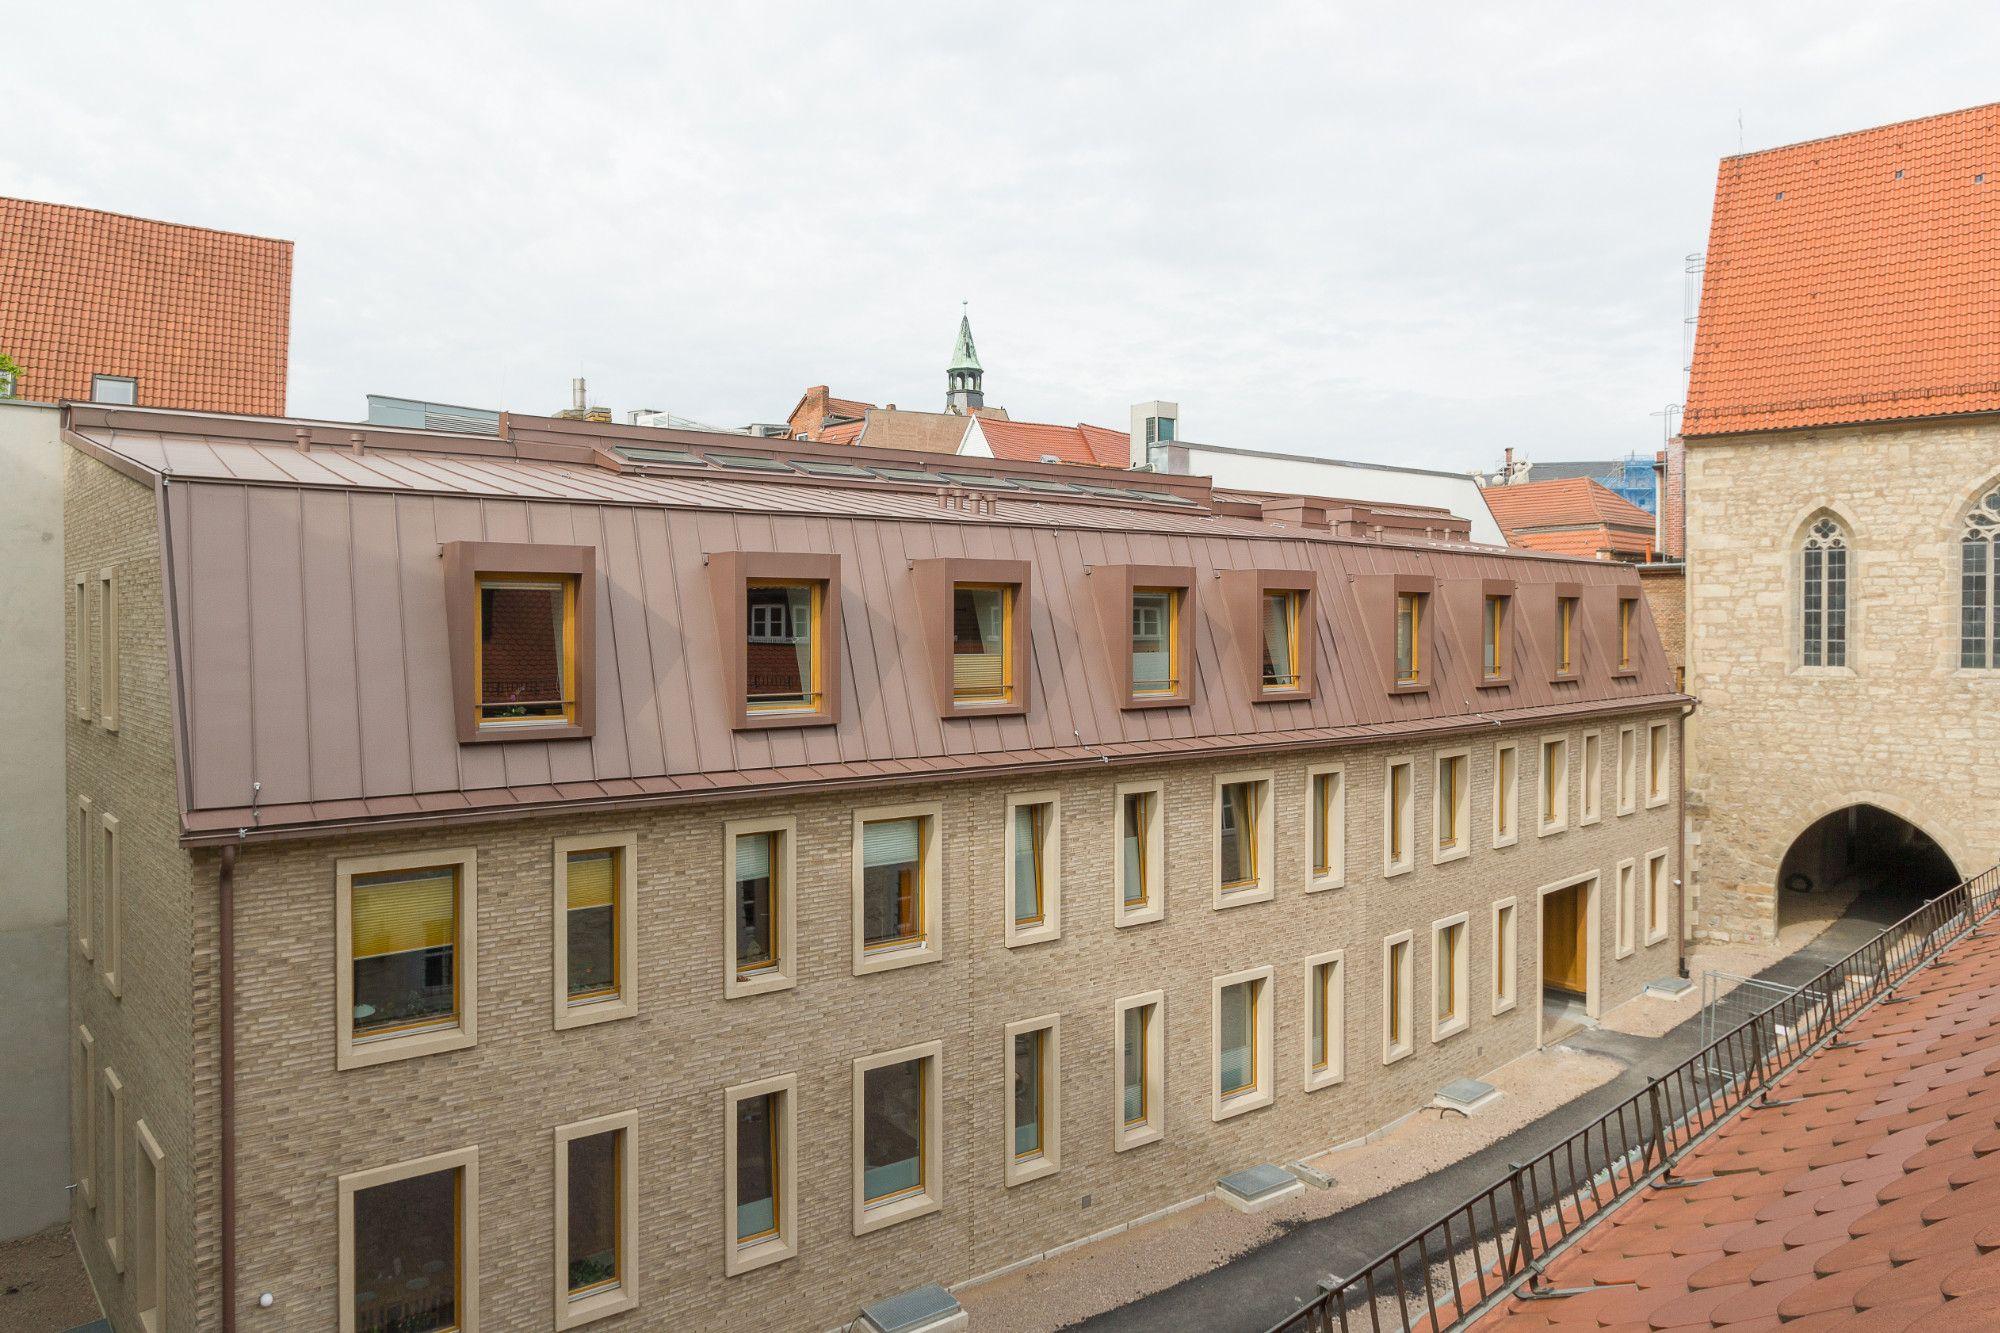 Konventgebäude in Erfurt   Fenster und Türen   Sonderbauten   Baunetz_Wissen